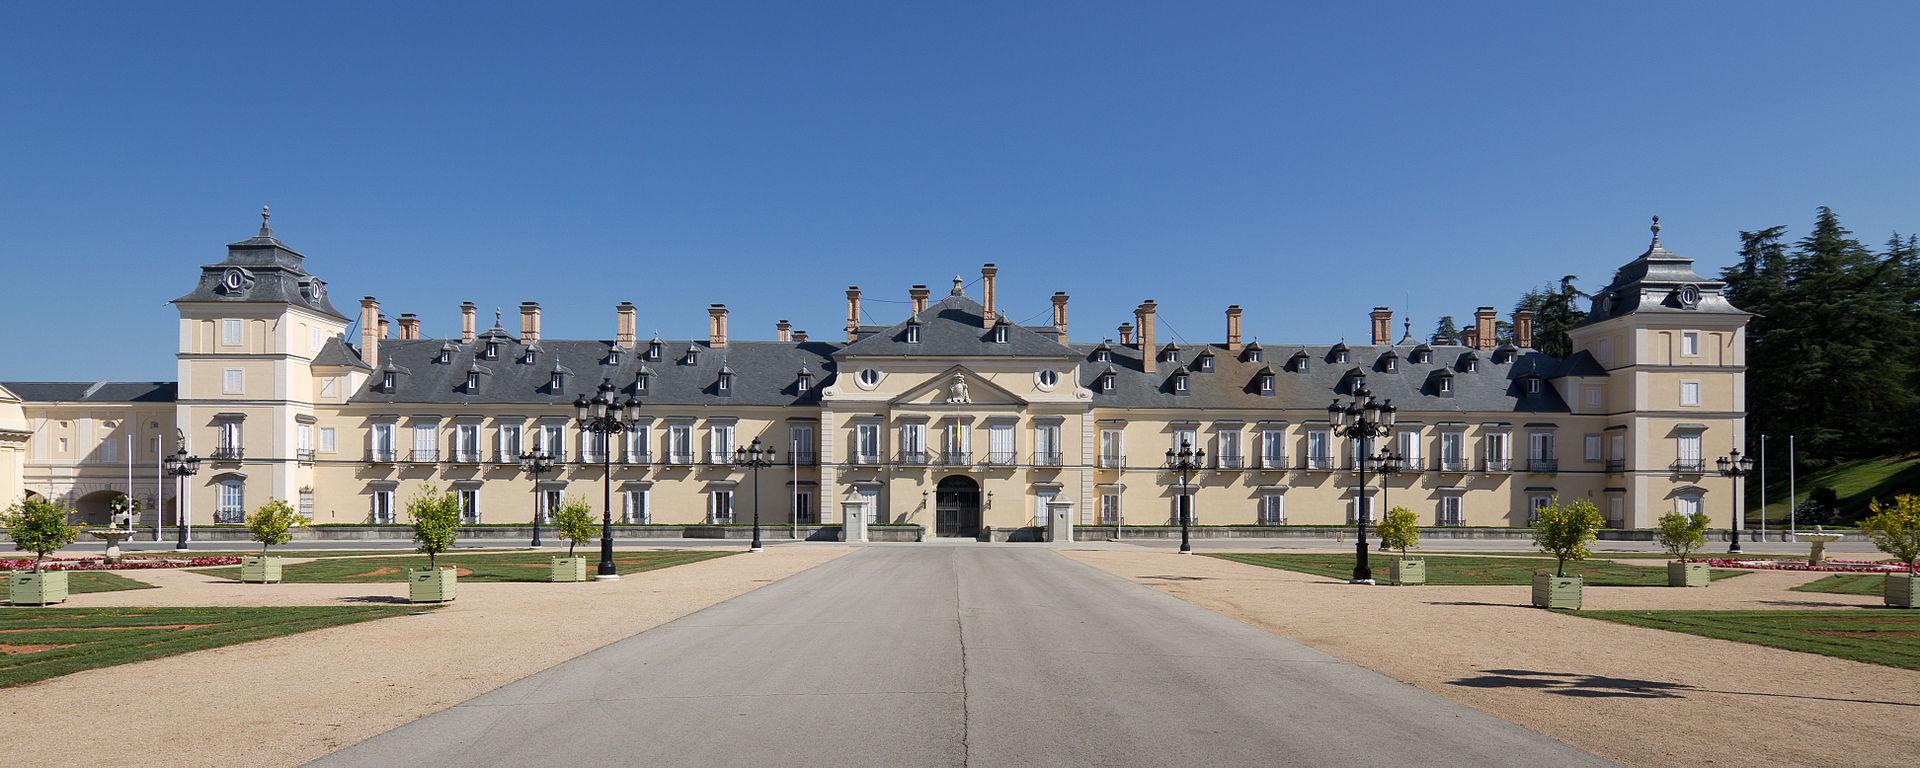 Palacio Real de El Pardo Originalmente, fue una Casa Real, pero el rey Carlos I ordenó la construcción de de este palacio como lugar de recreo y descanso.